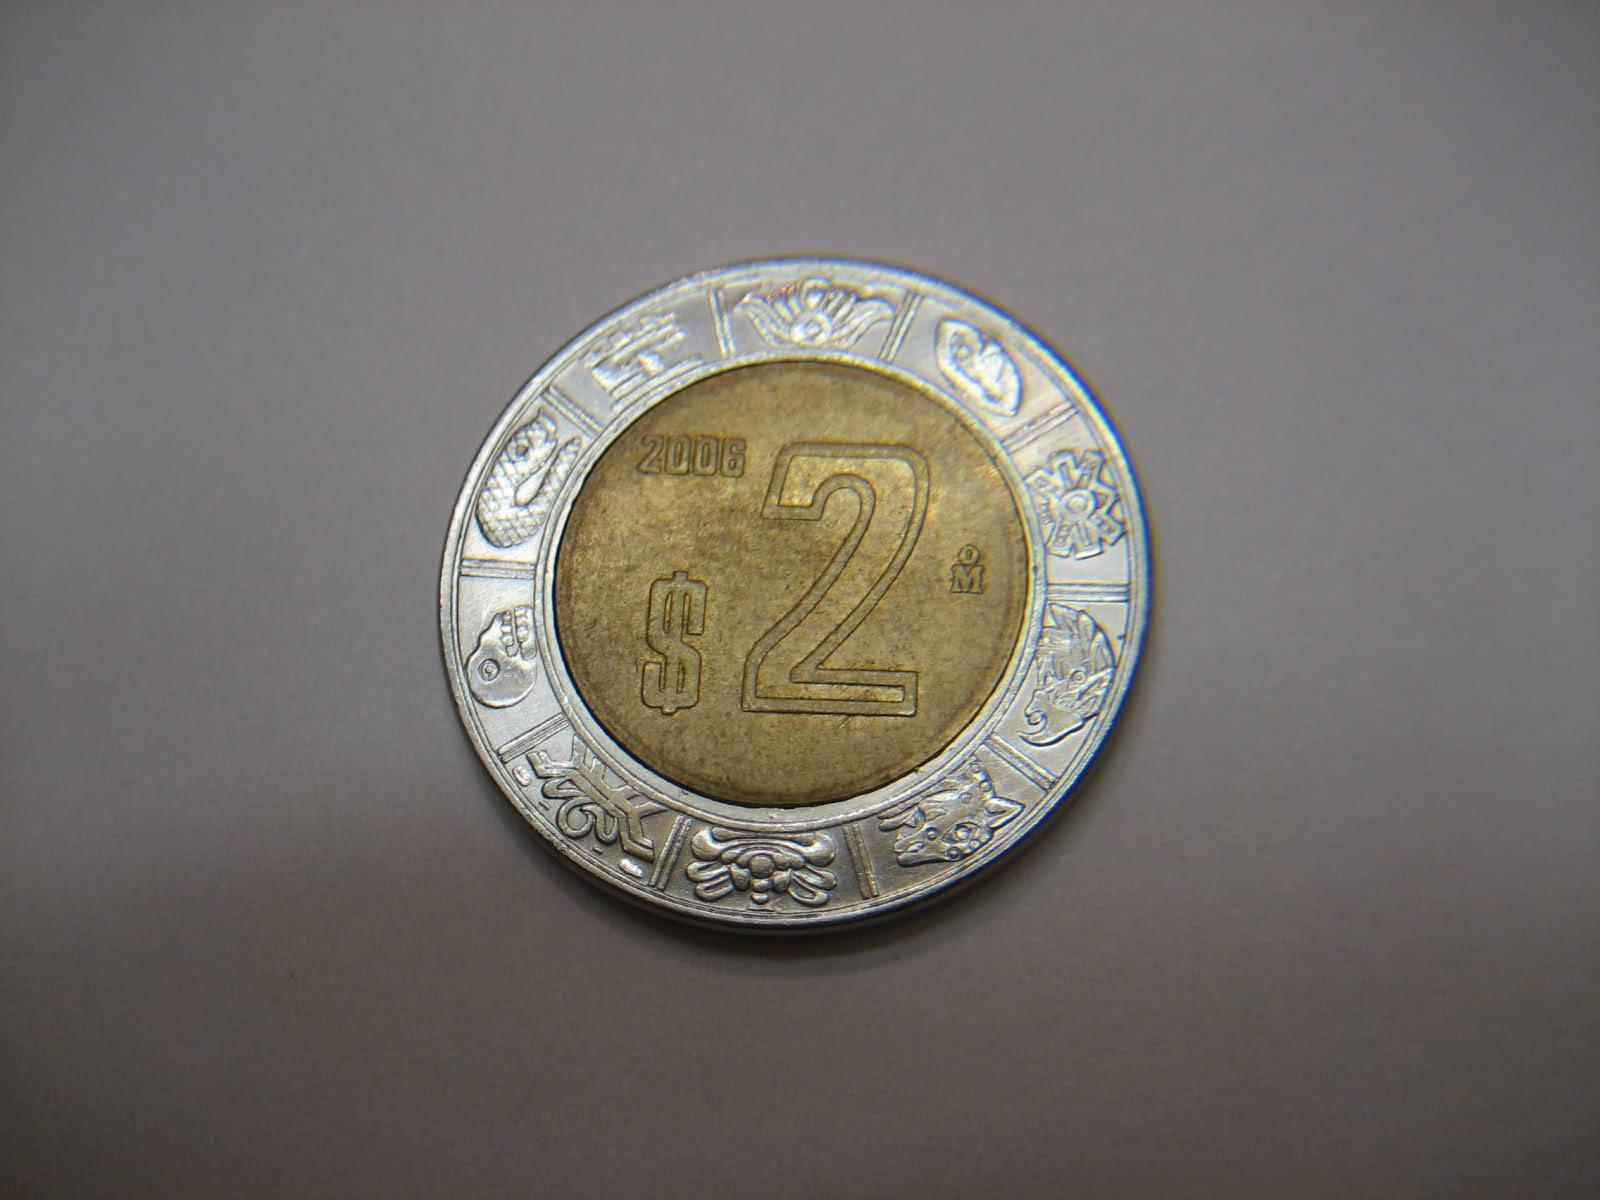 2 Pesos. Mexico. 2006 F4k4sh